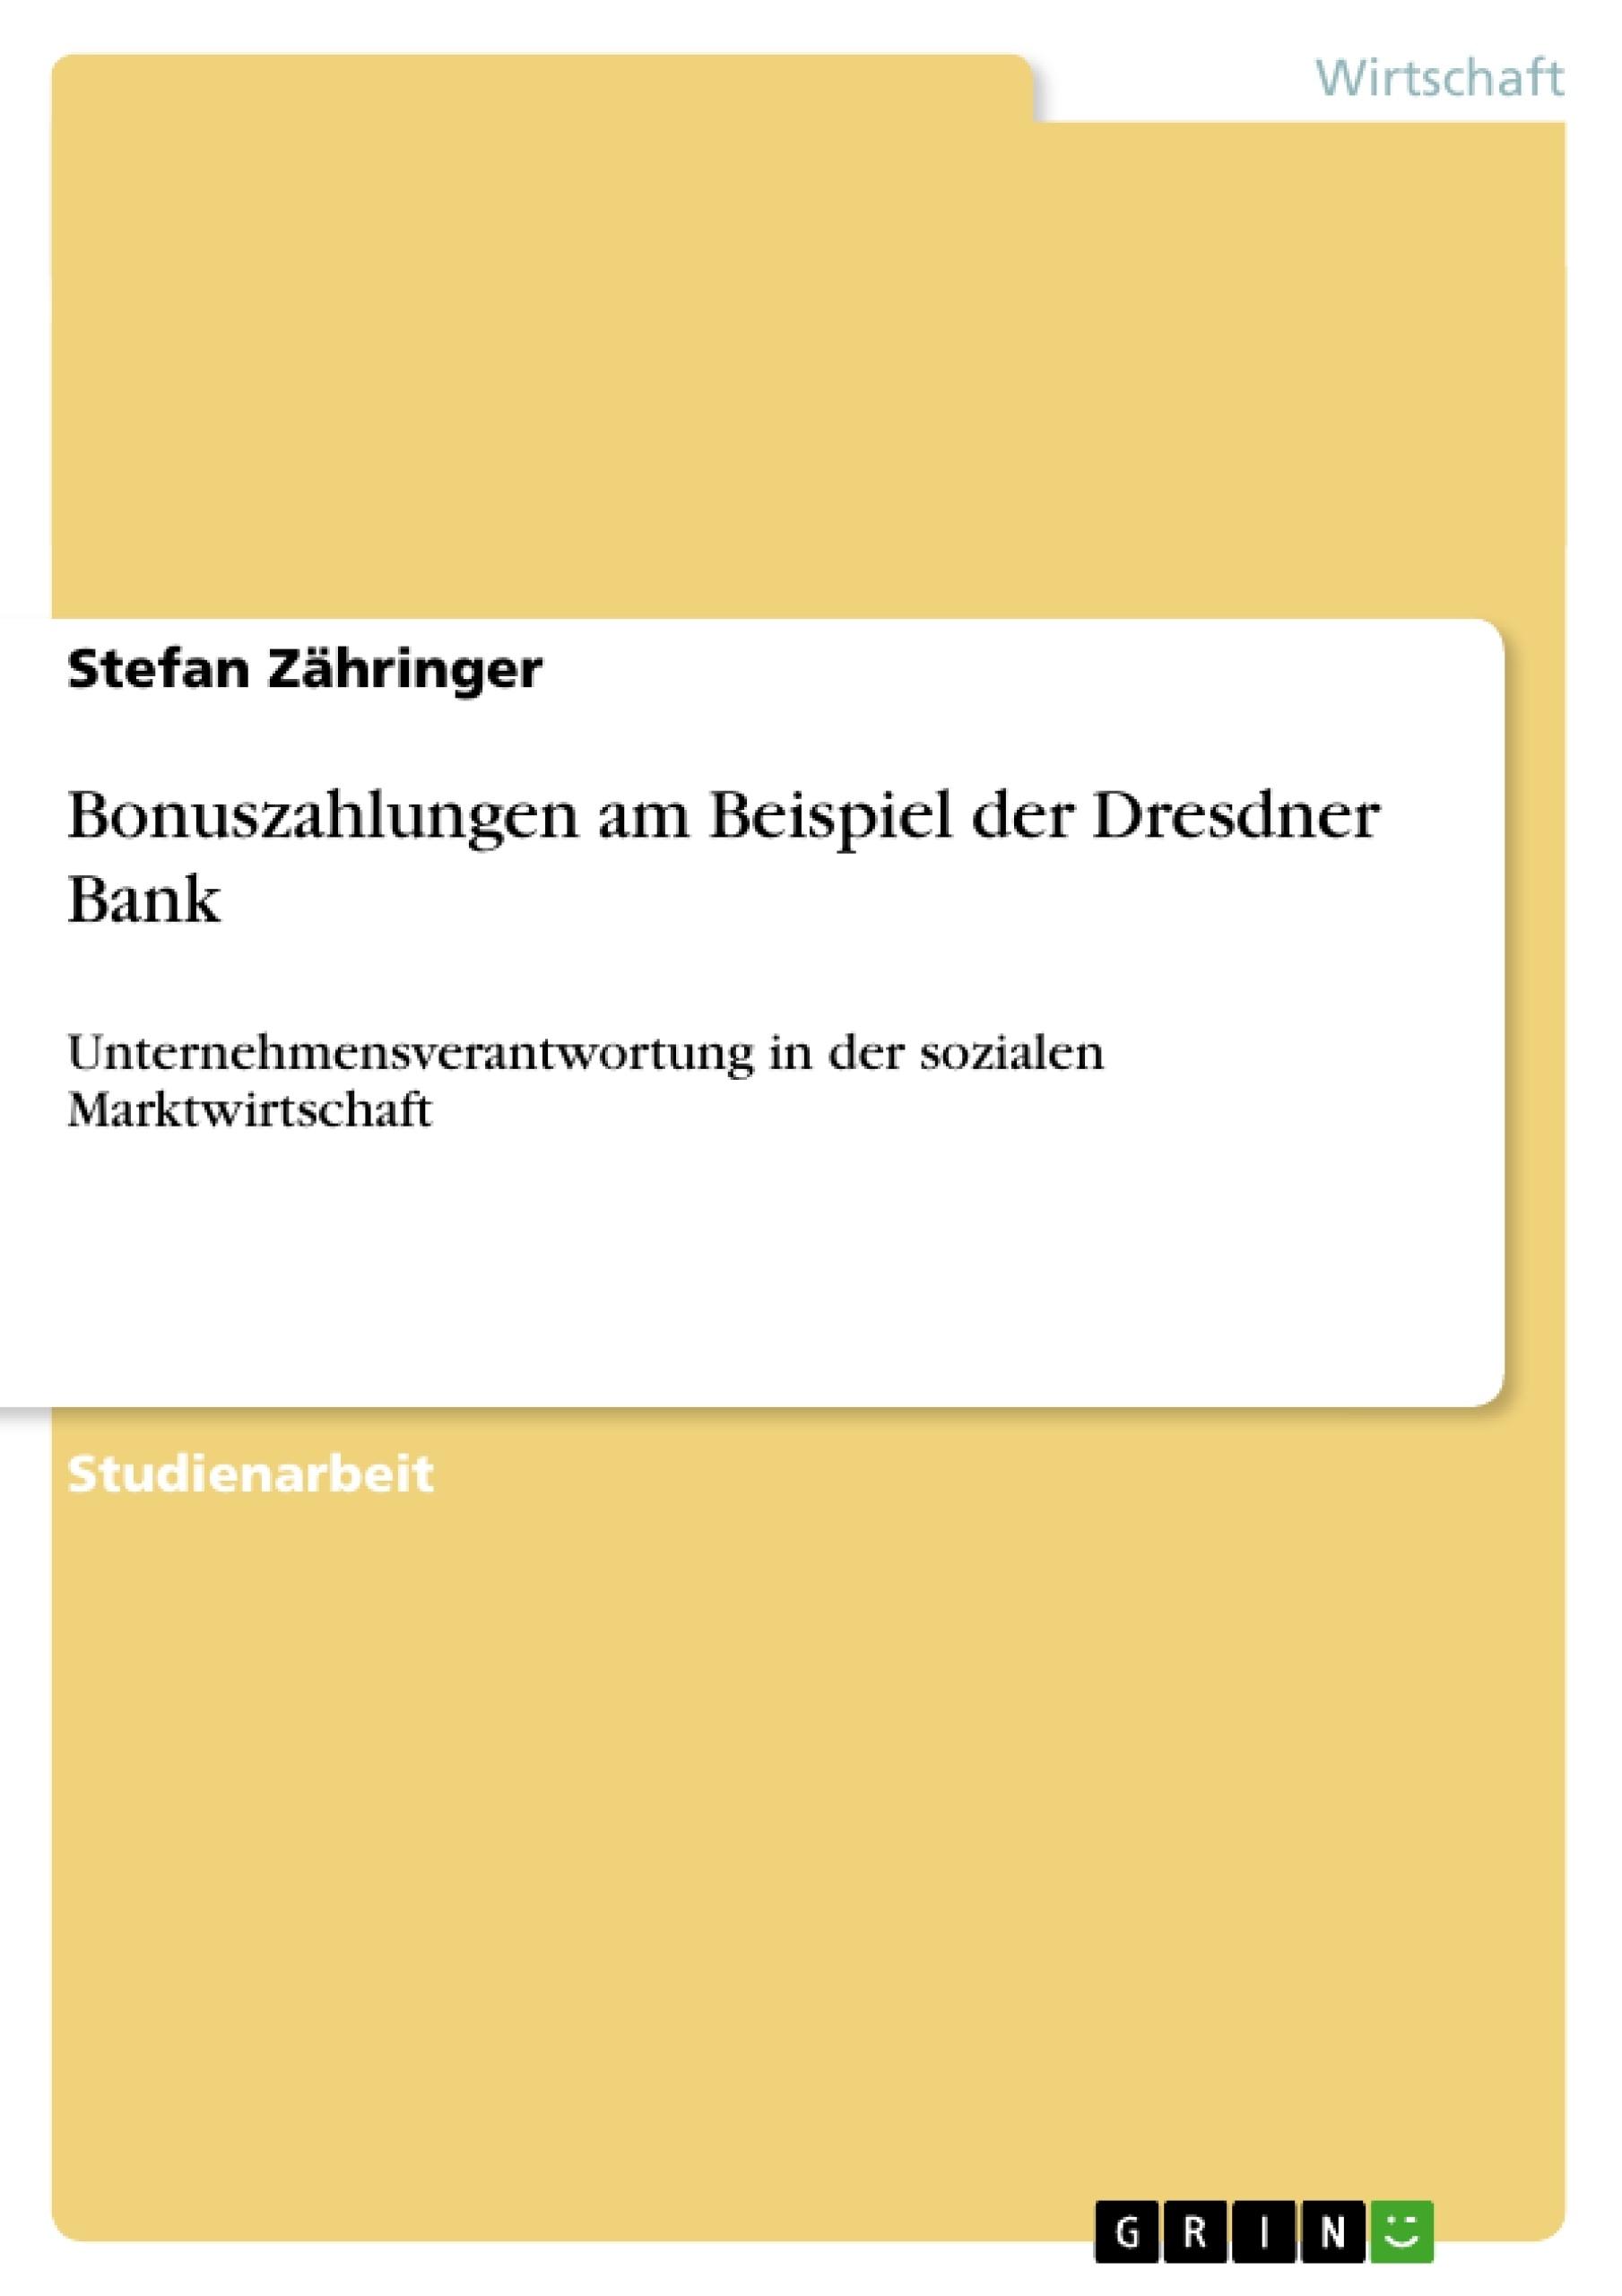 Titel: Bonuszahlungen am Beispiel der Dresdner Bank